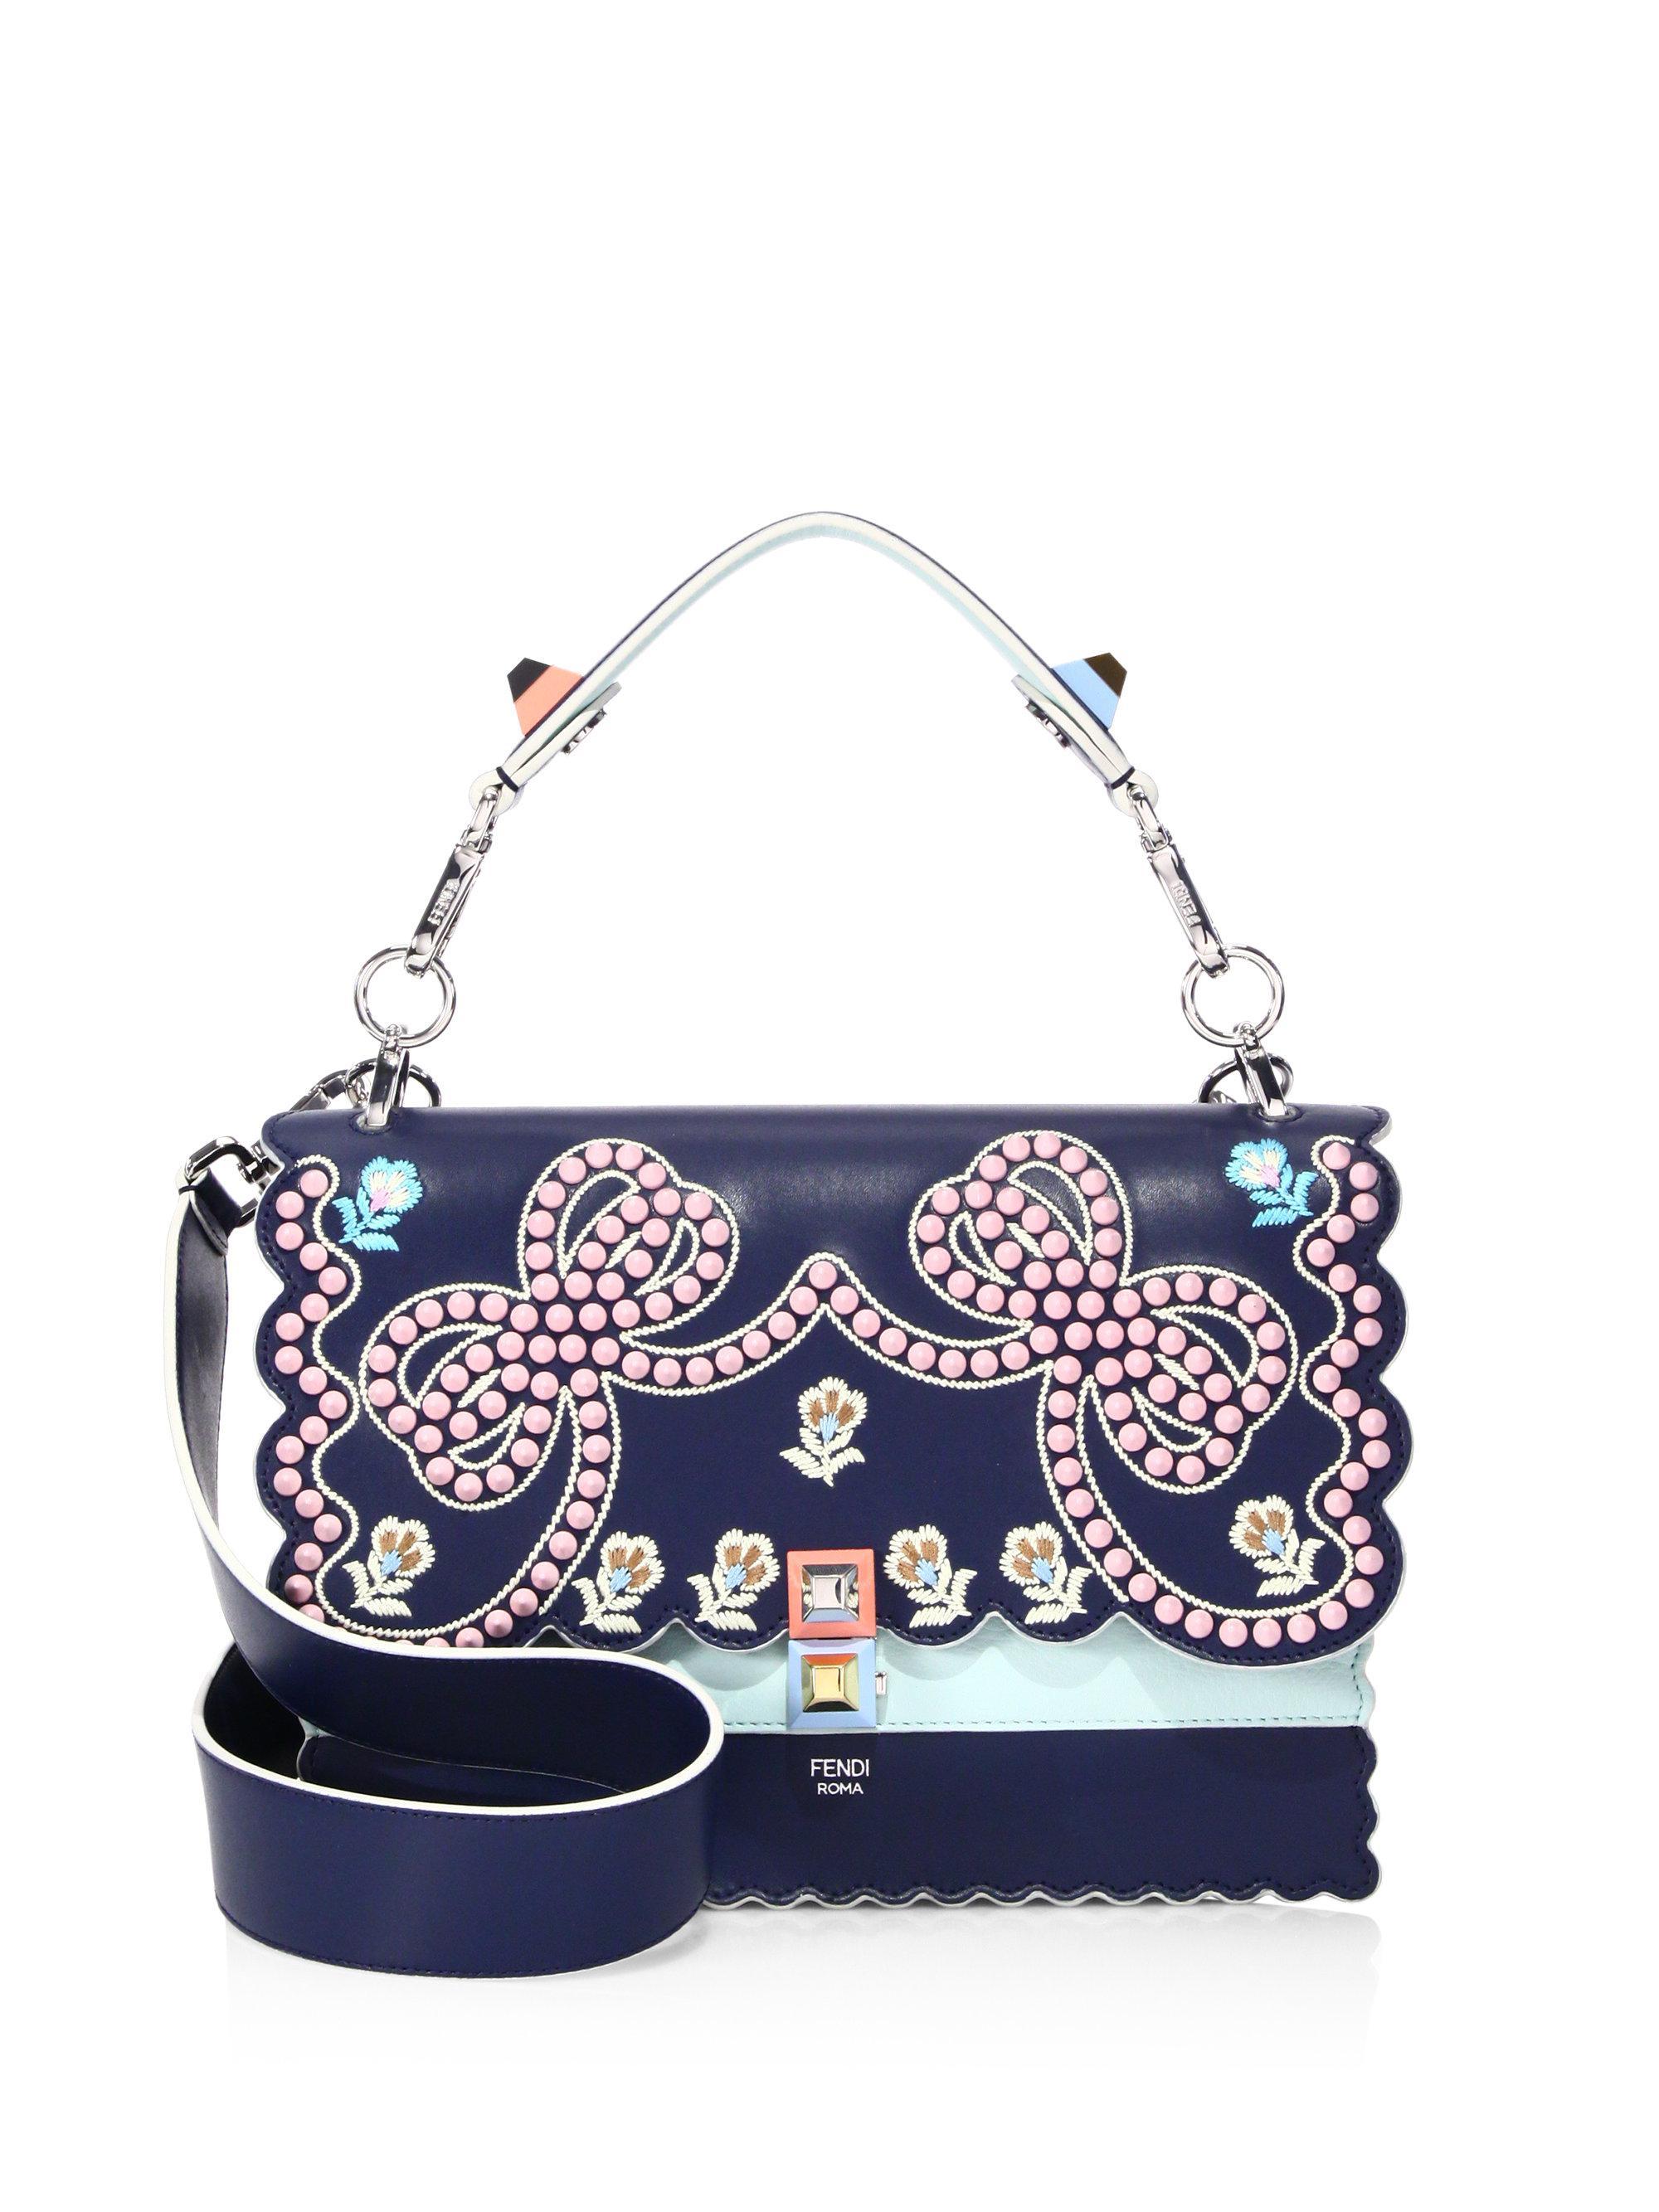 Lyst - Fendi Kan I Embellished Metallic Leather Shoulder Bag in Blue 79054f4e6484b